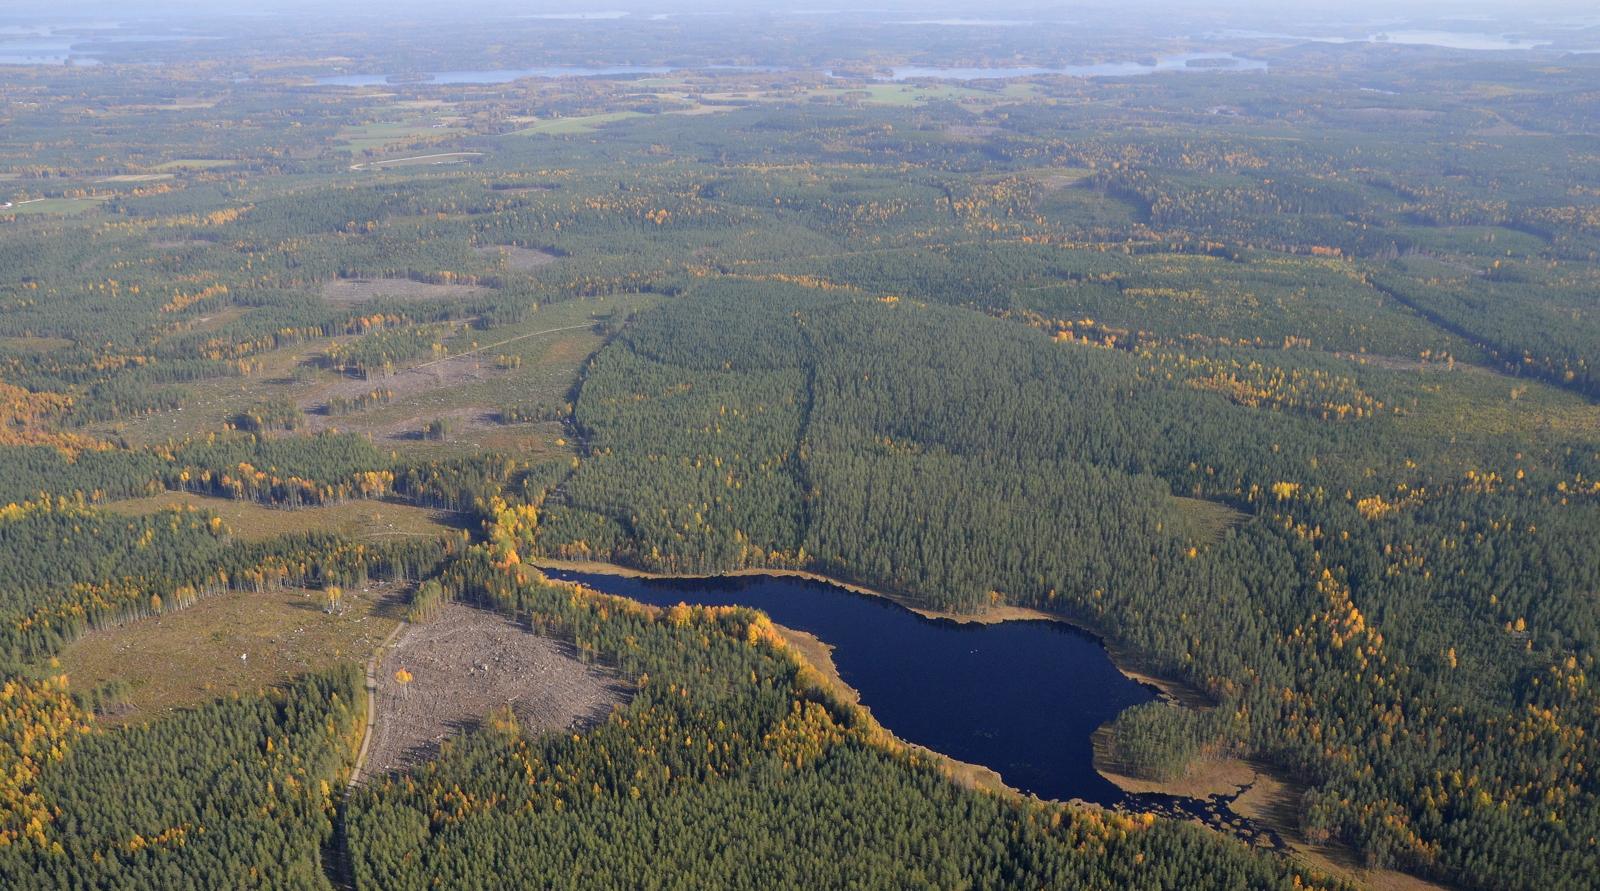 Liimattalan tuulipuistoalueen Niemislampi. Taustalla näkyy mm. Pyyrinlahti ja vasemmalla Räihänselkää.